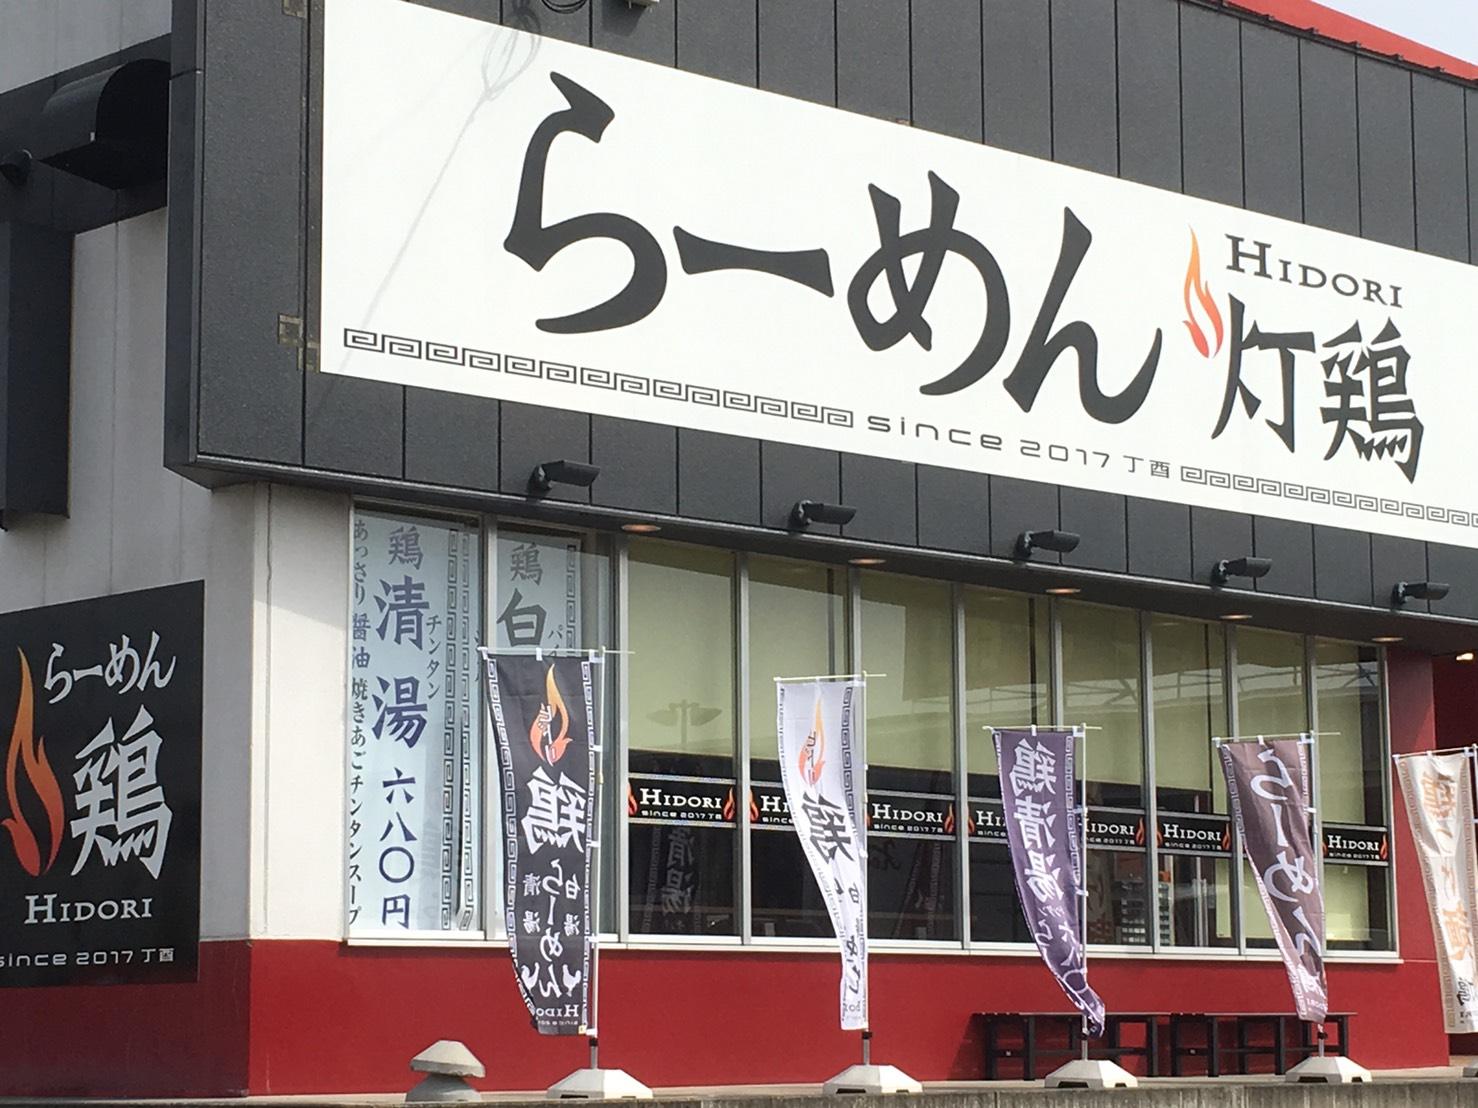 八山田にらーめん店オープン 鶏出の白湯スープは絶品でした!